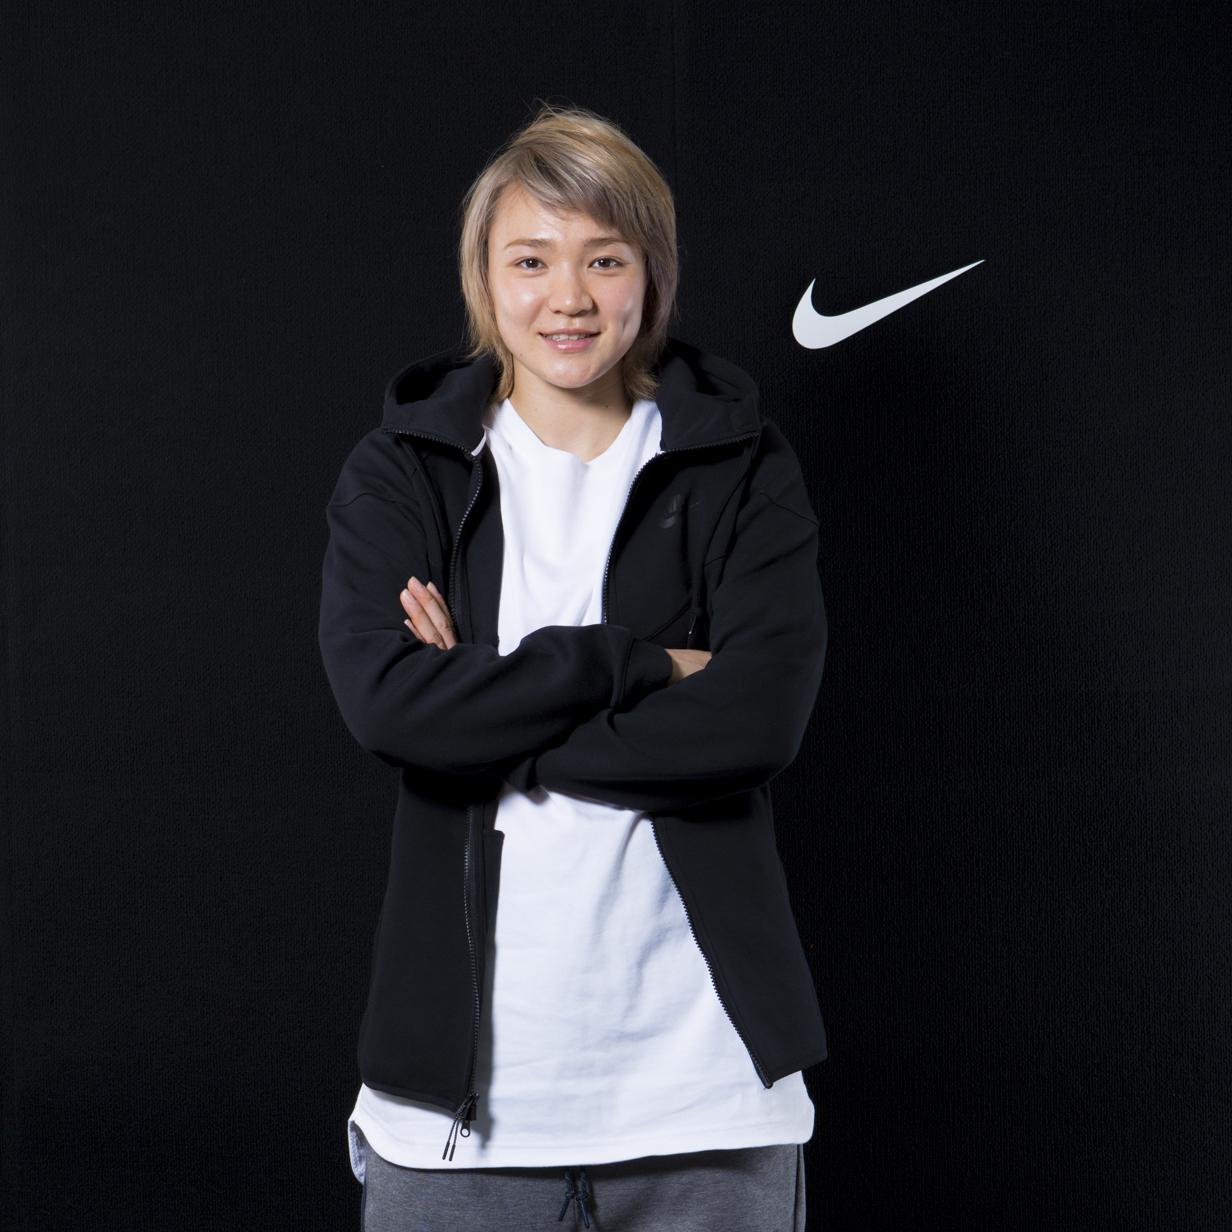 バスケットボール日本女子代表、吉田亜沙美選手の素顔